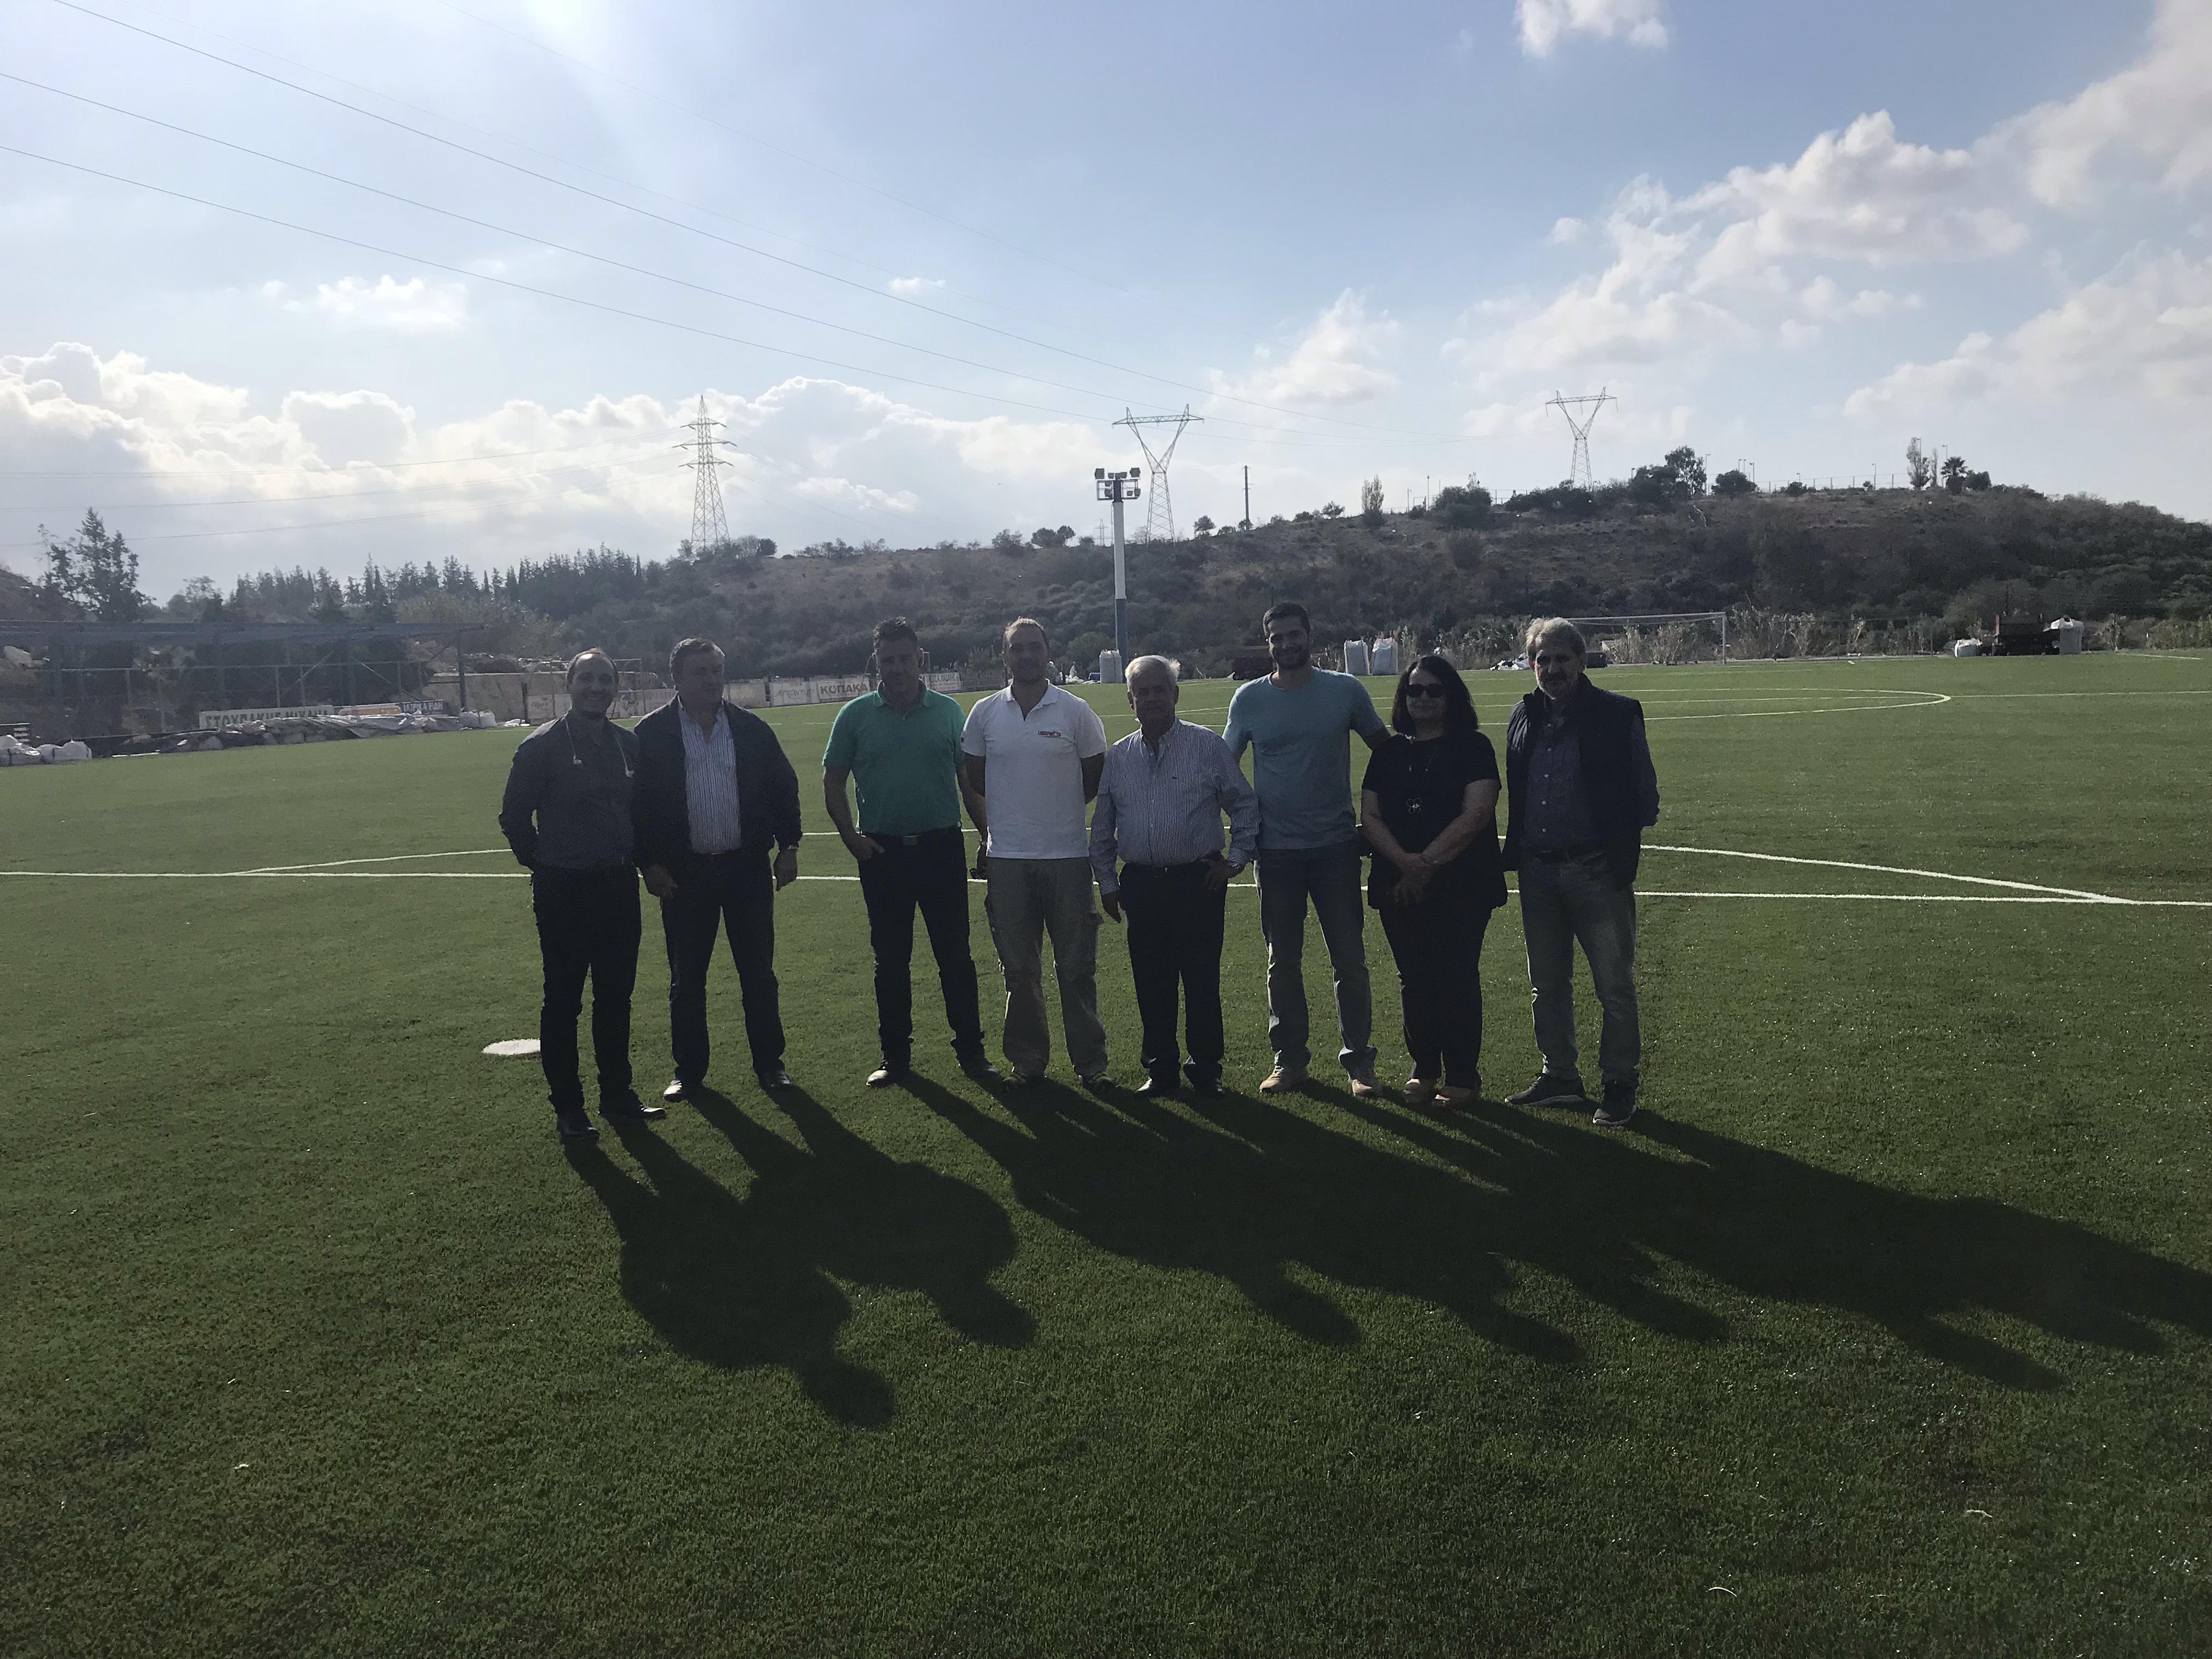 Ολοκληρώθηκε το έργο τοποθέτησης νέου χλοοτάπητα στο γήπεδο του Αλμυρού